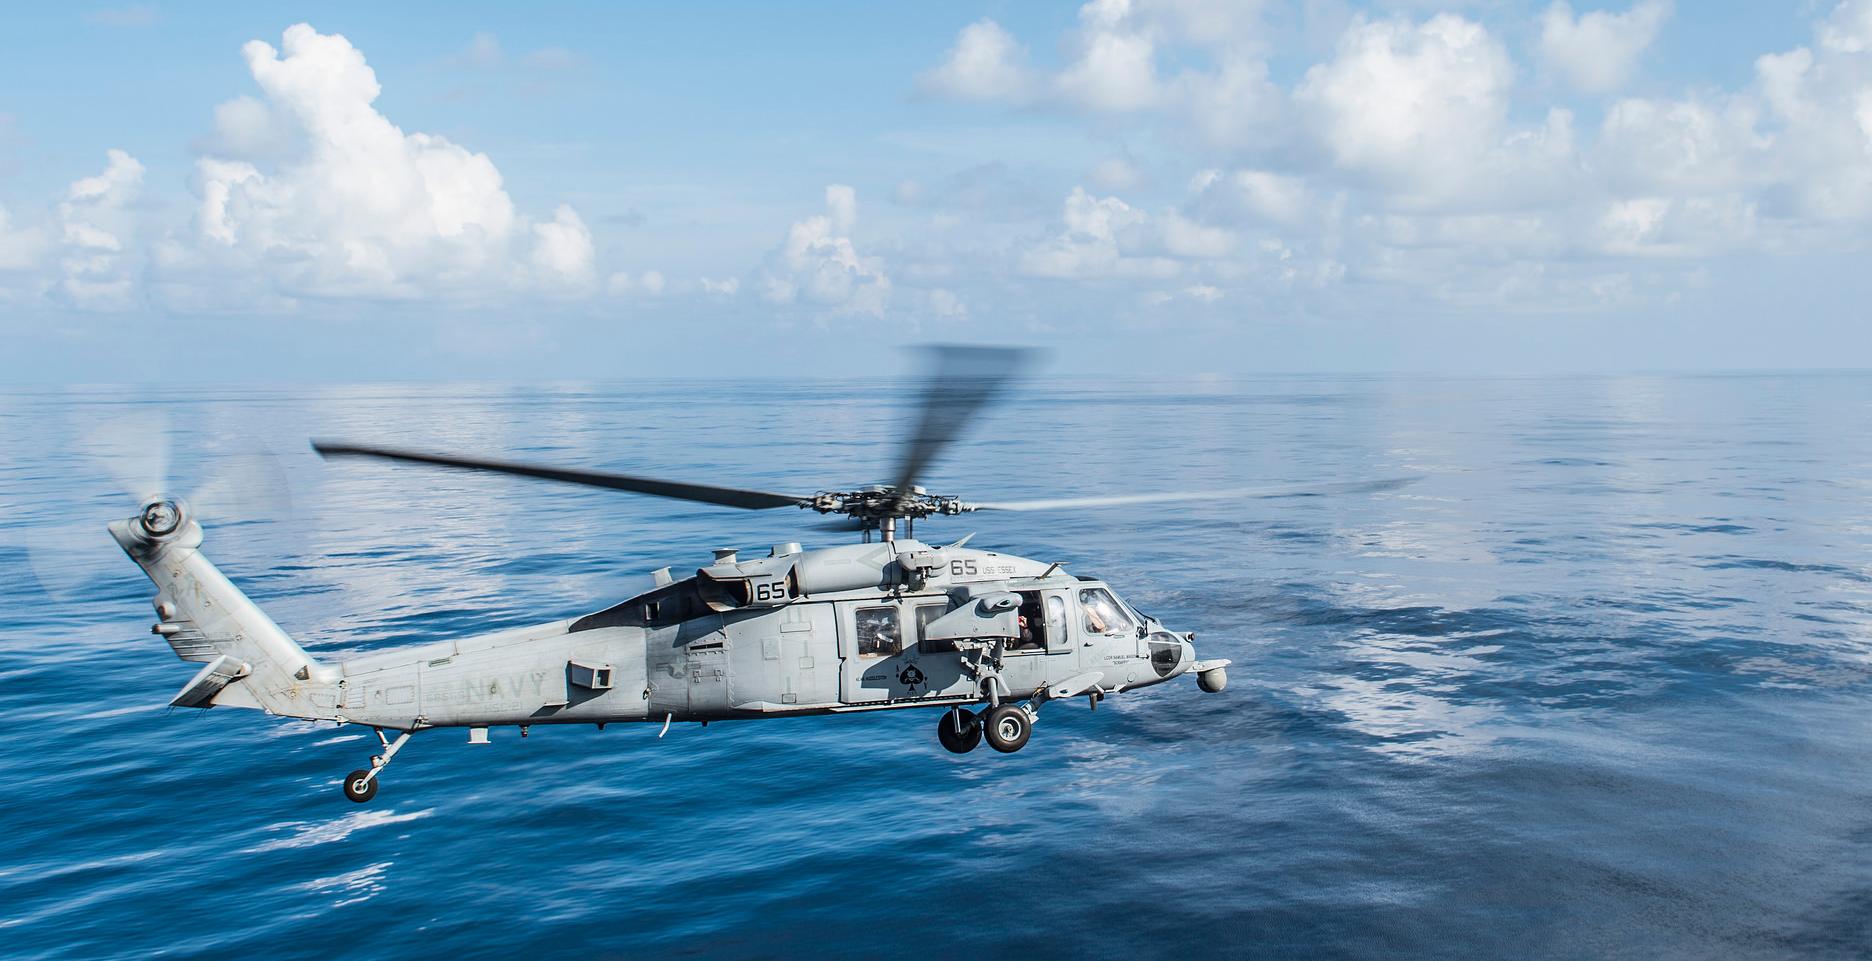 Обои MH-60R, армия, Sea Hawk helicopter. Авиация foto 2